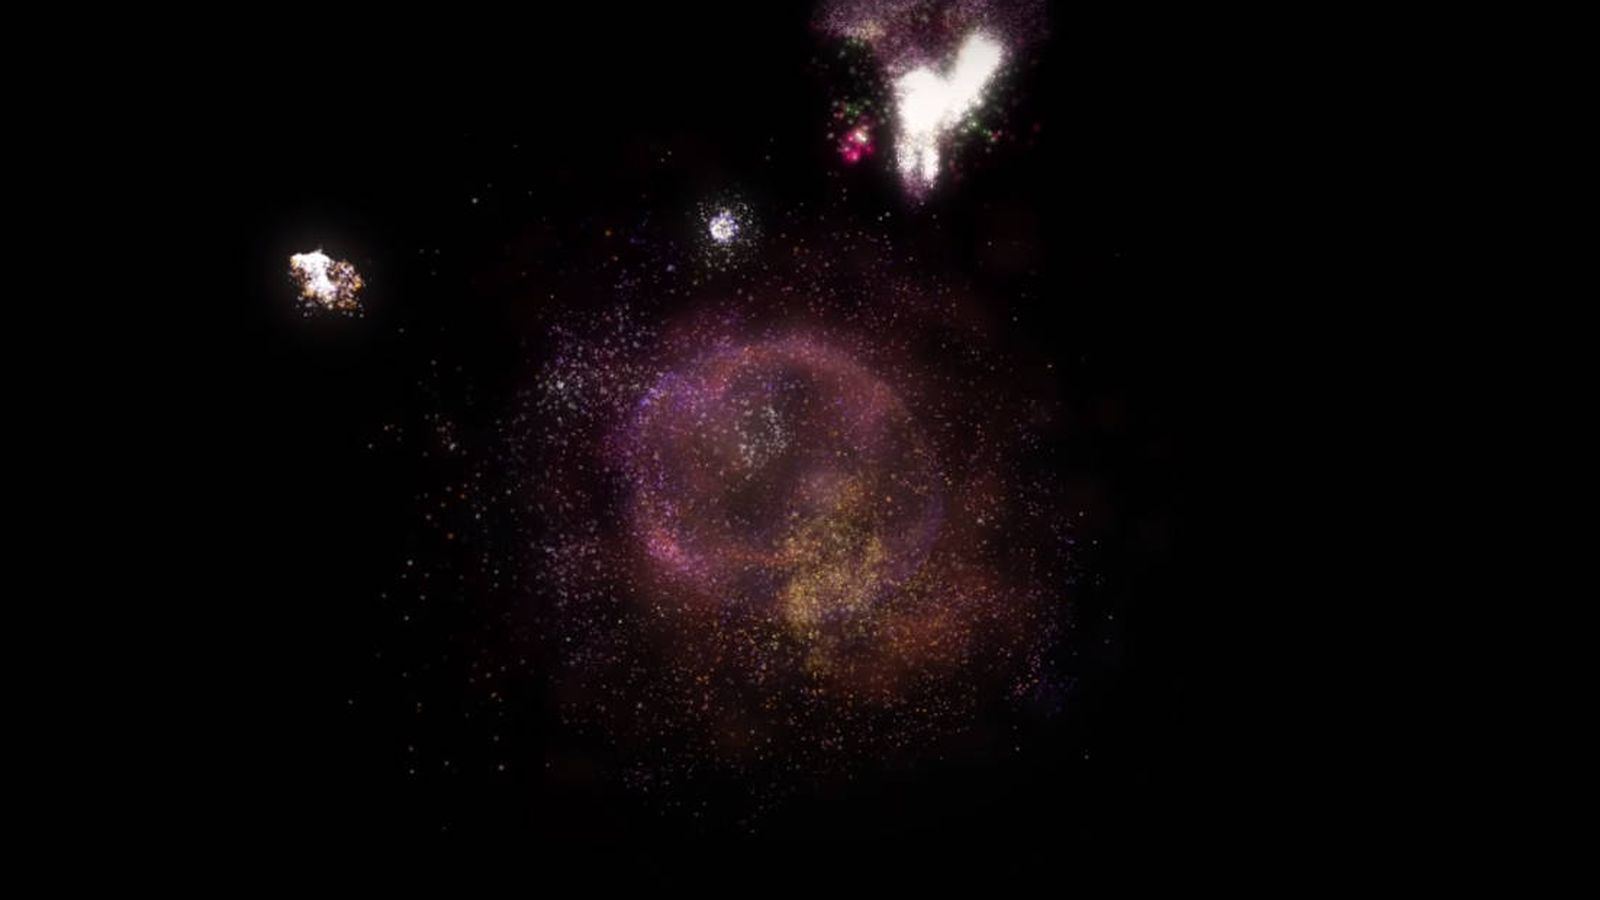 Hallan Una Rara Galaxia Que Pone En Duda Cómo Se Formó El Universo